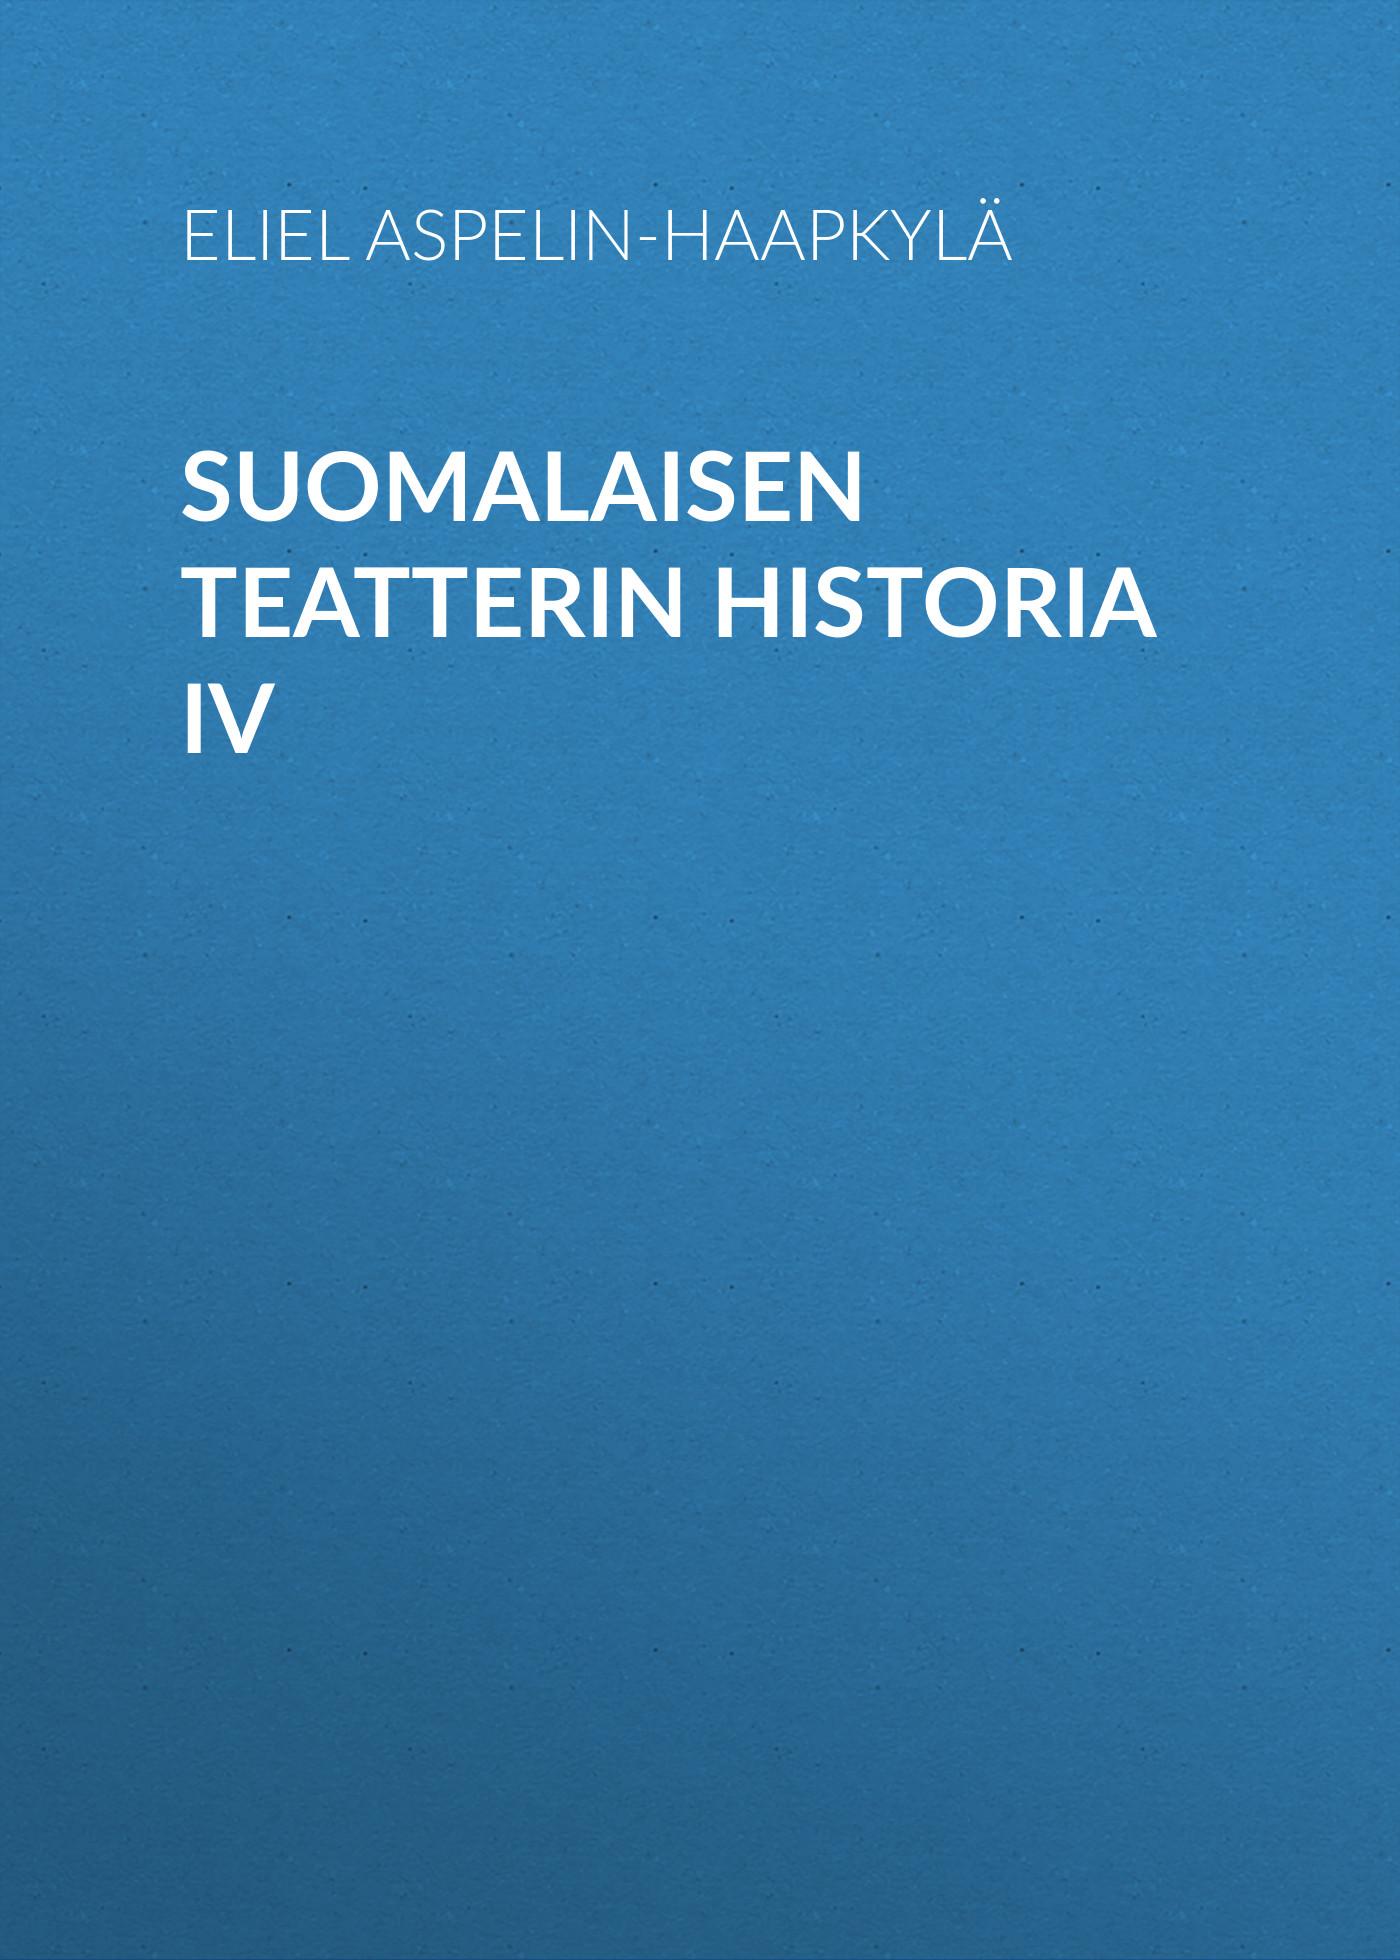 suomalaisen teatterin historia iv